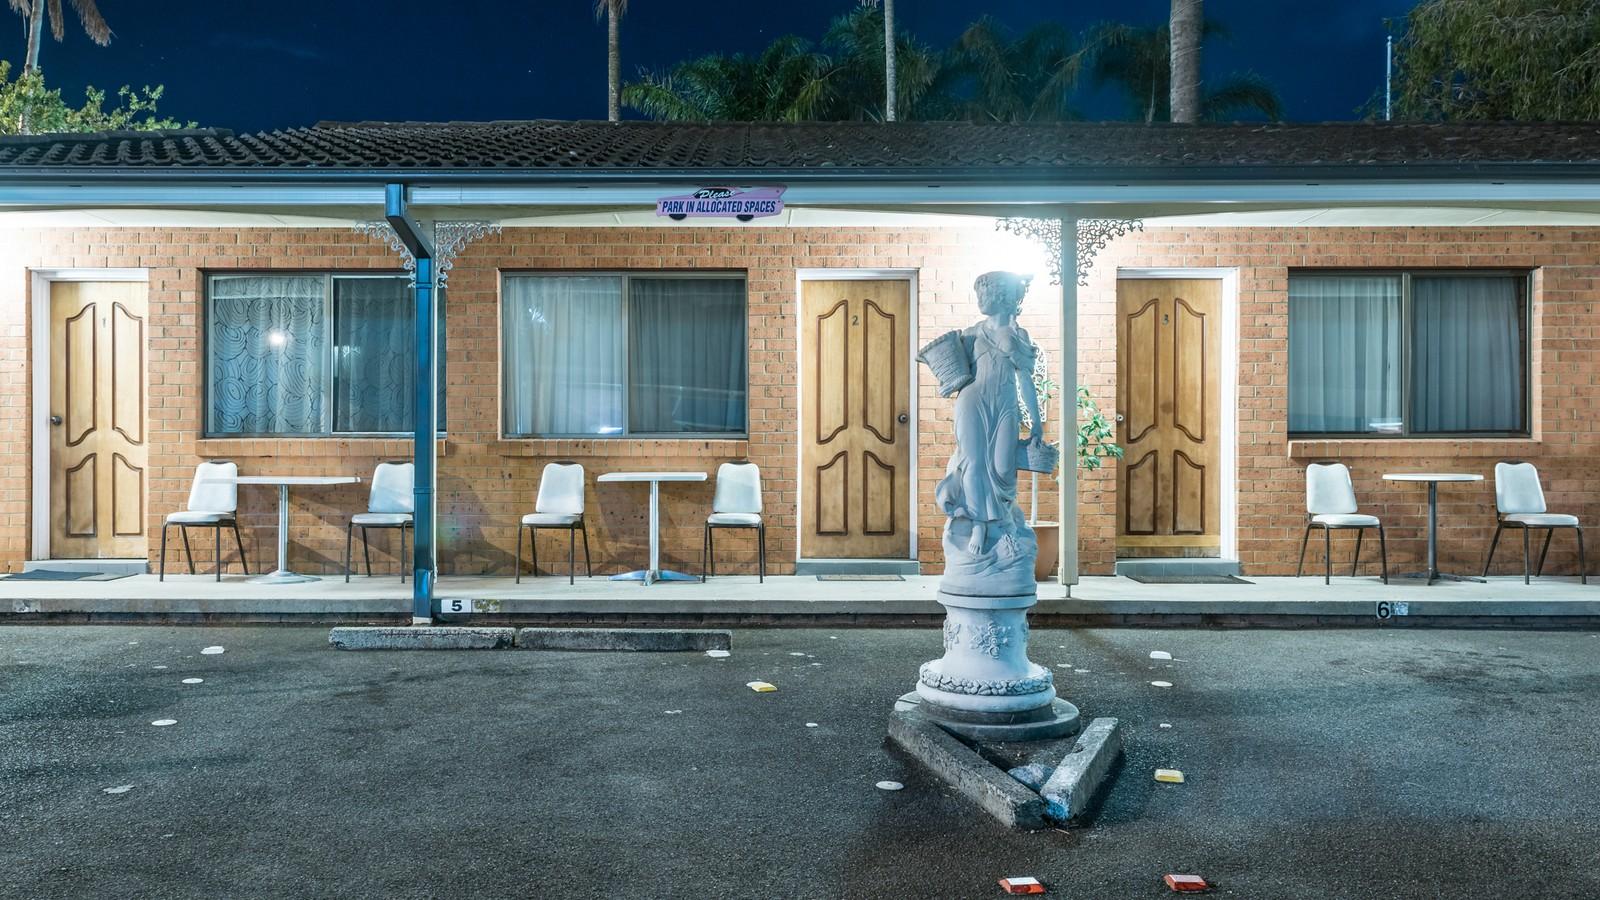 Ces photos de motels australiens vont vous faire un bien fou